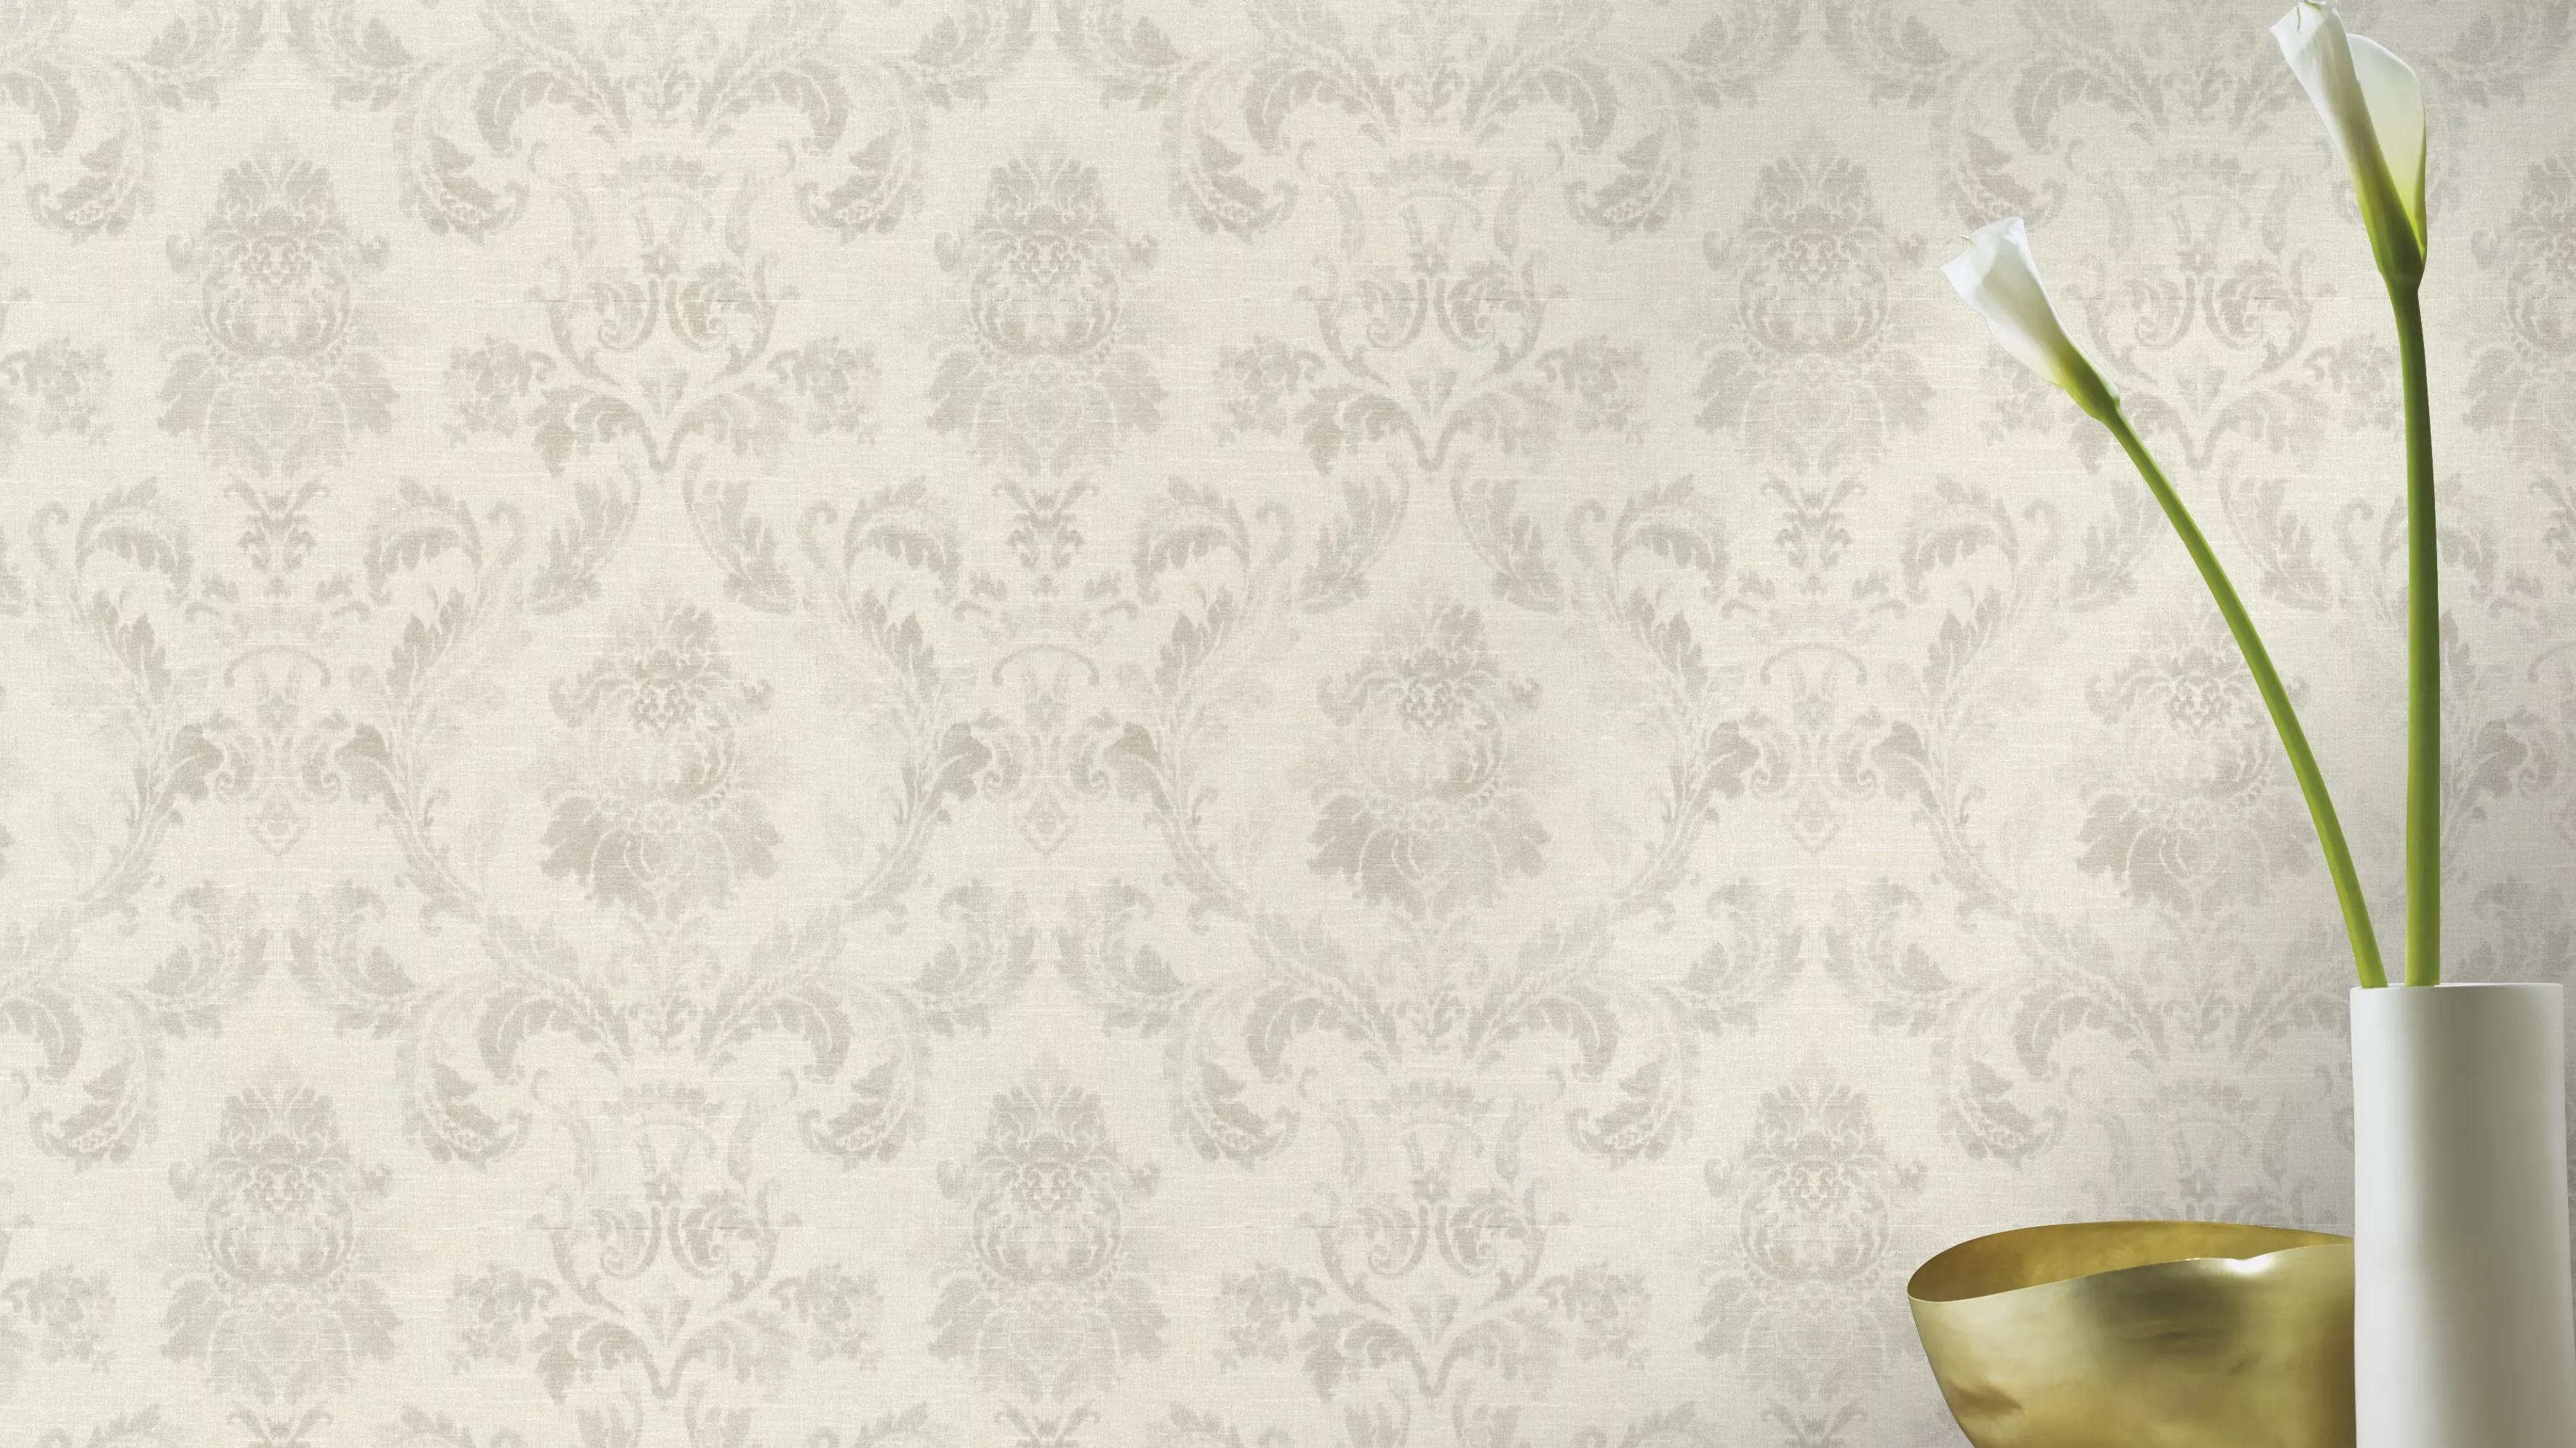 Klasszikus barokk mintás tapéta elegáns szürke, krém színekkel